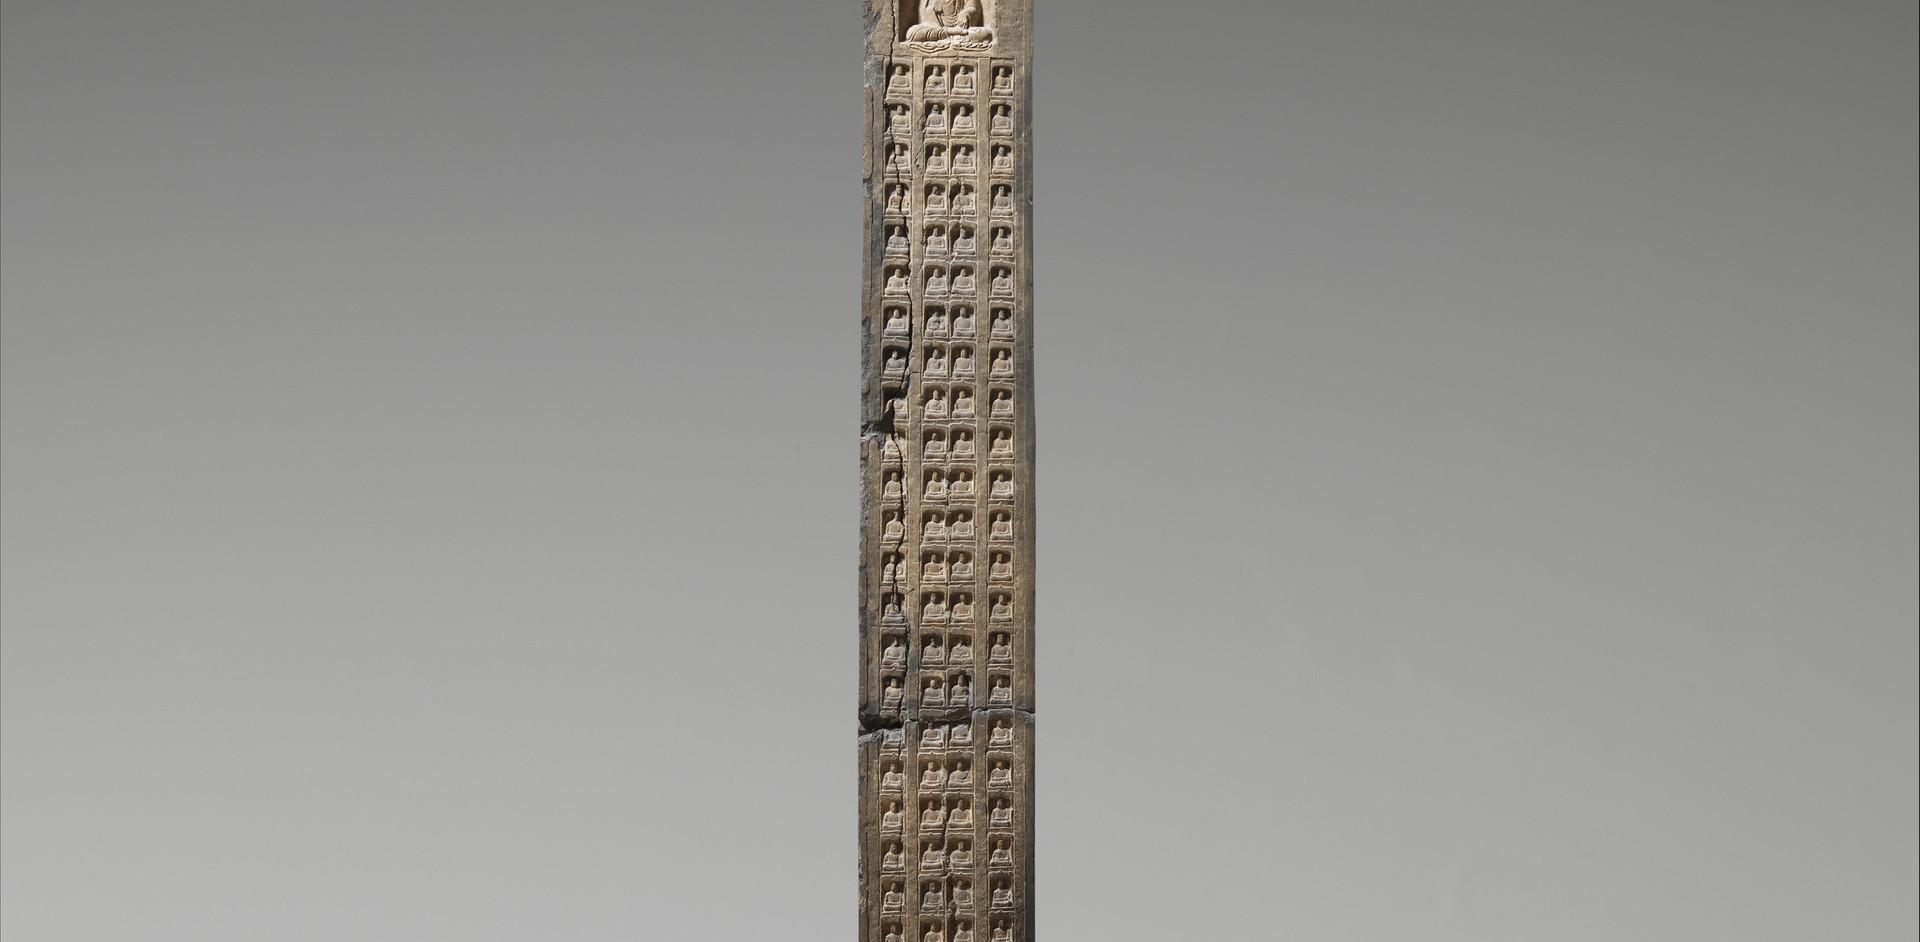 Stele_Commissioned_by_Helian_Ziyue_(赫蓮子悅